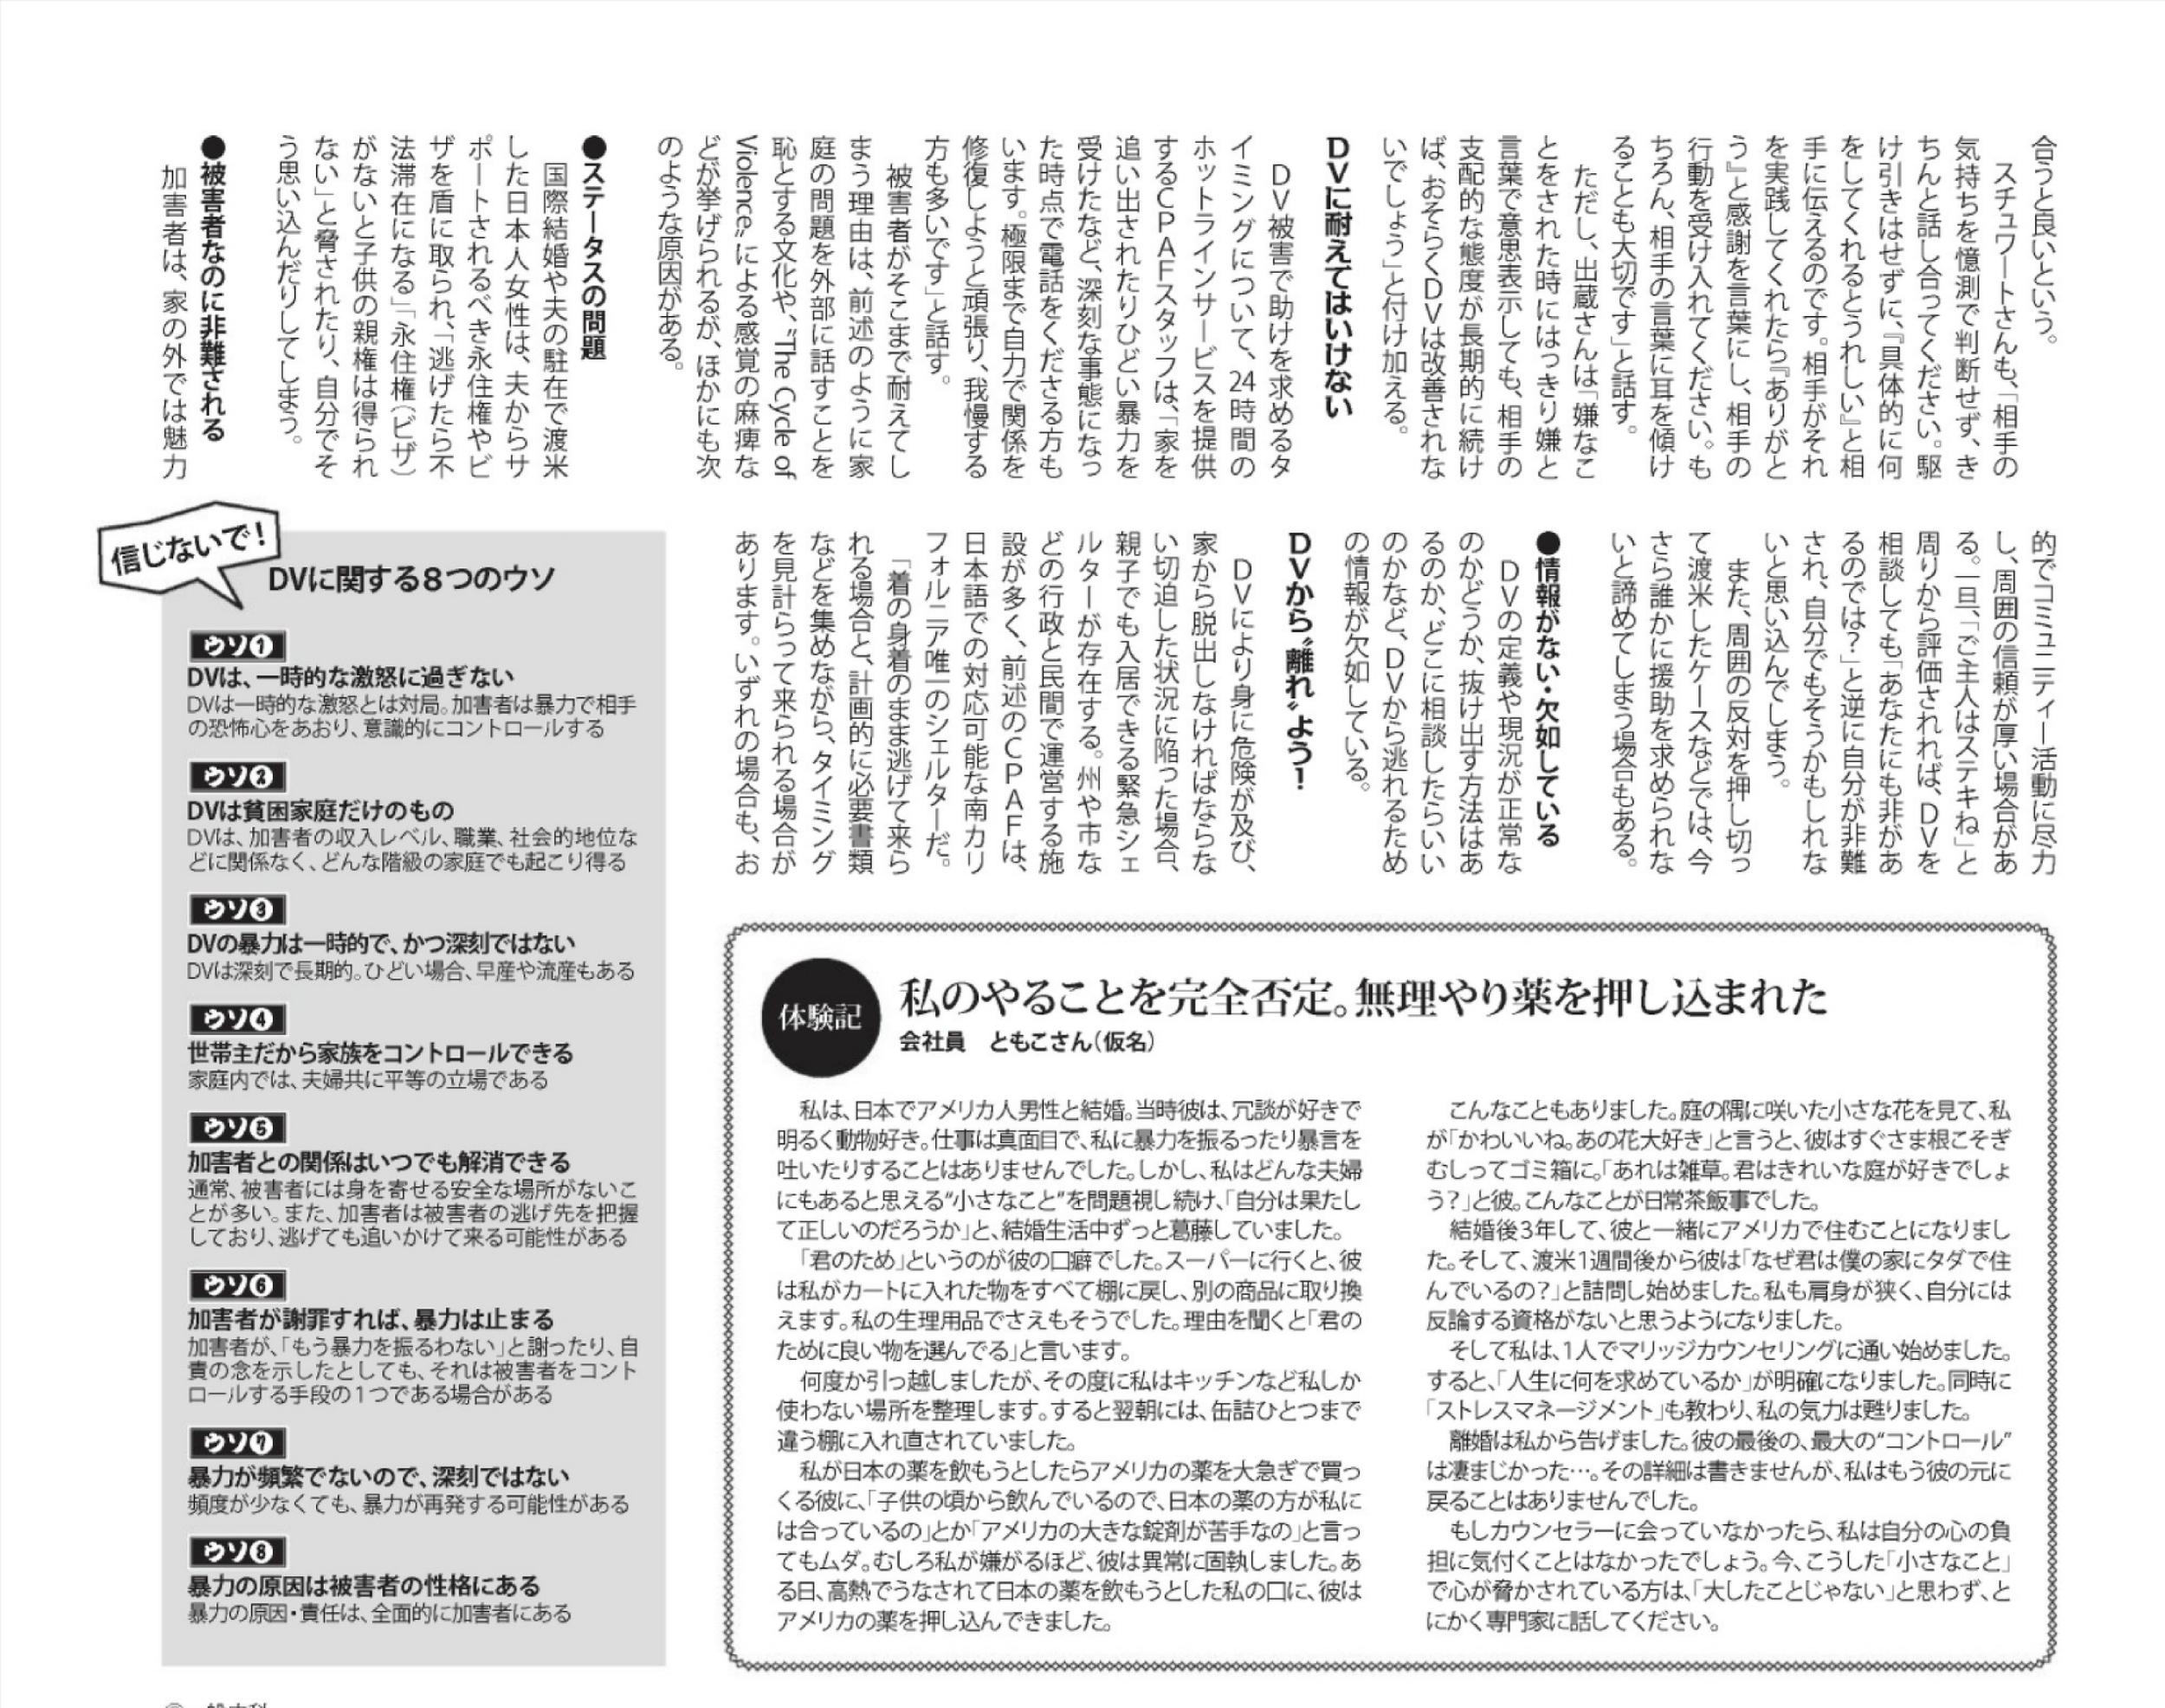 Lighthouse LA 10-01-2013 Page-1-3.jpg